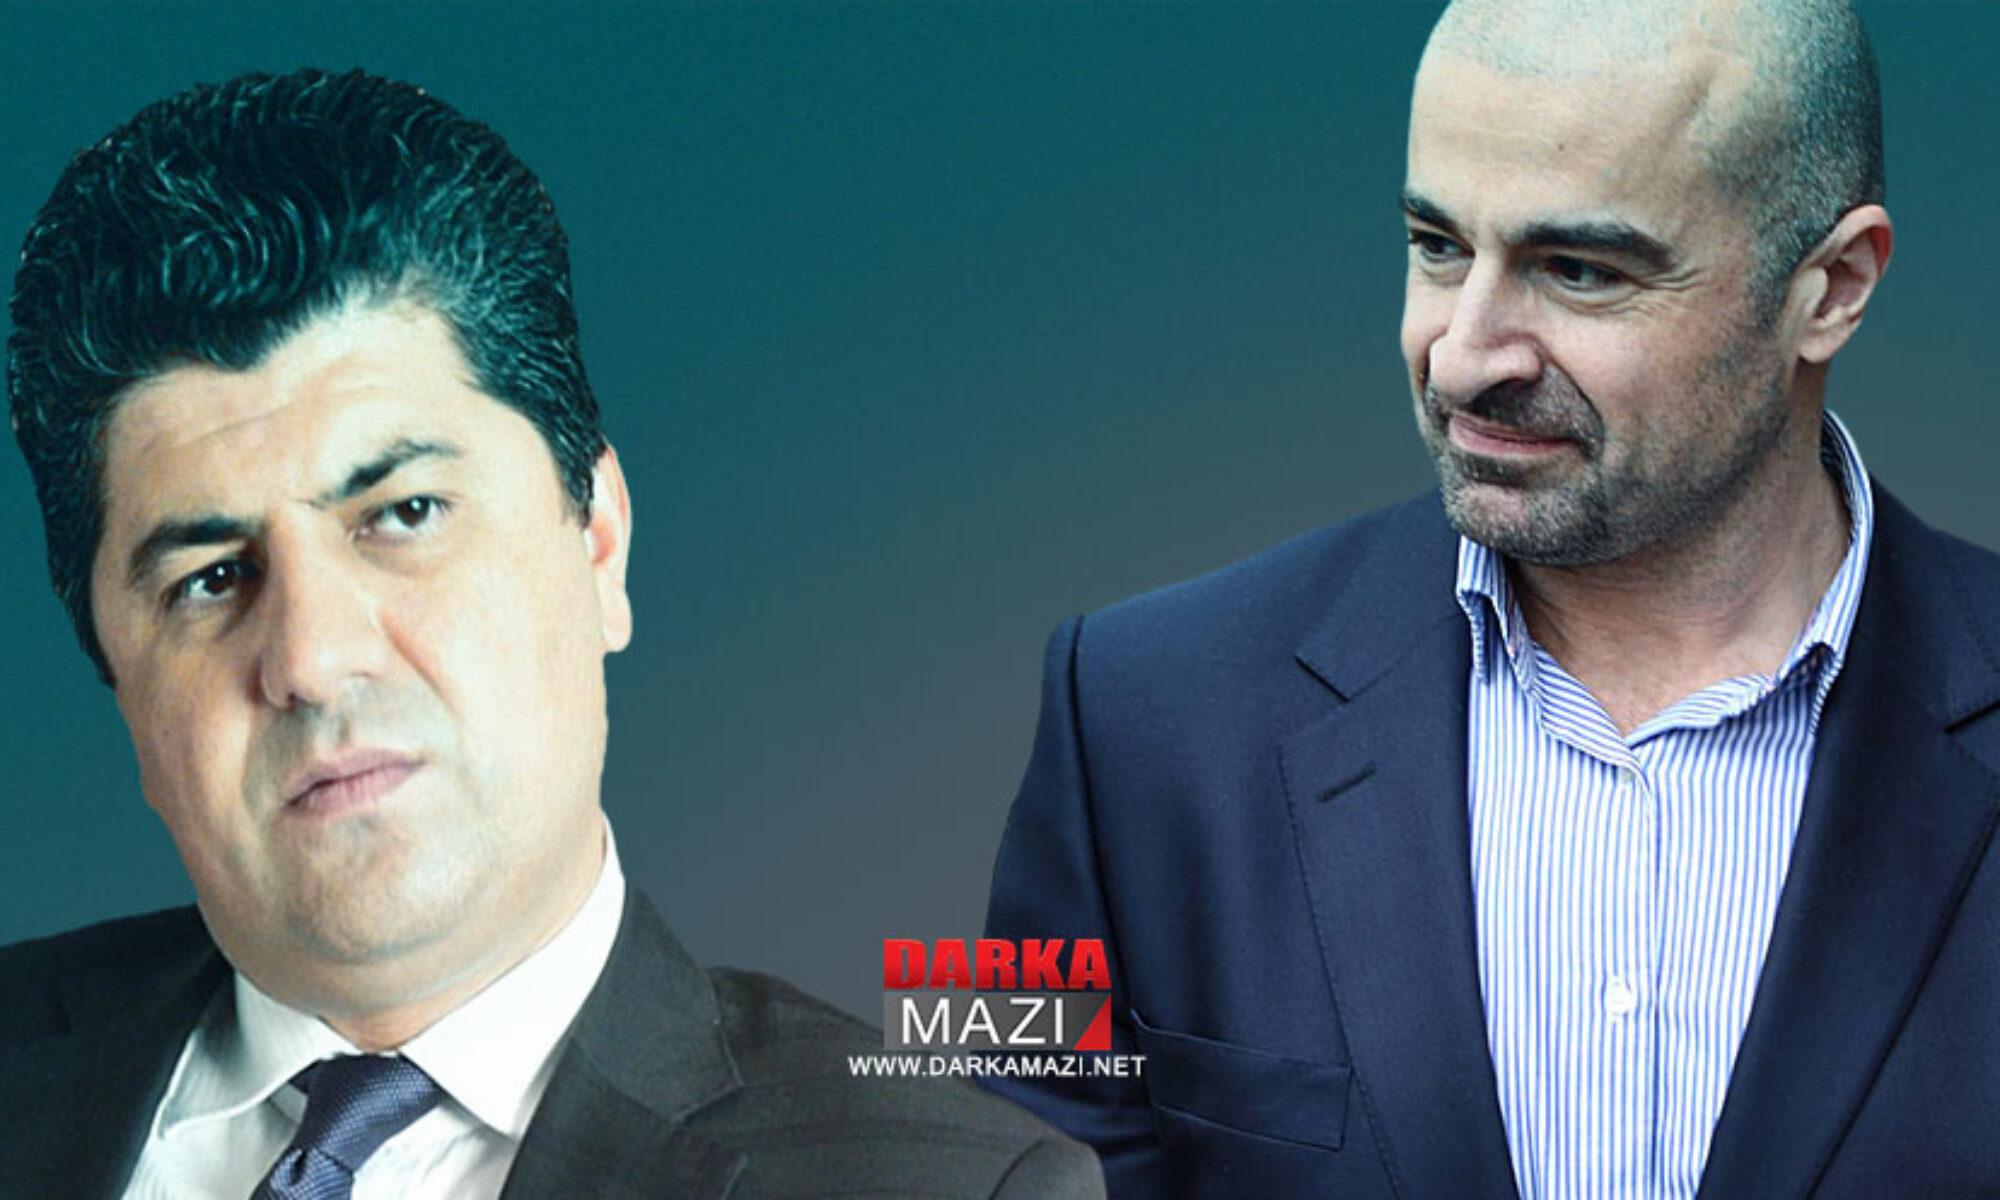 Pavel Talabani ile Lahor Cengi çatışmasında bilinmeyen bazı yönler? Dabaşan, Hero İbrahim, YNK, Kongre, İran, şii, Kubat Kurdistan Bölgesel Hükümeti,